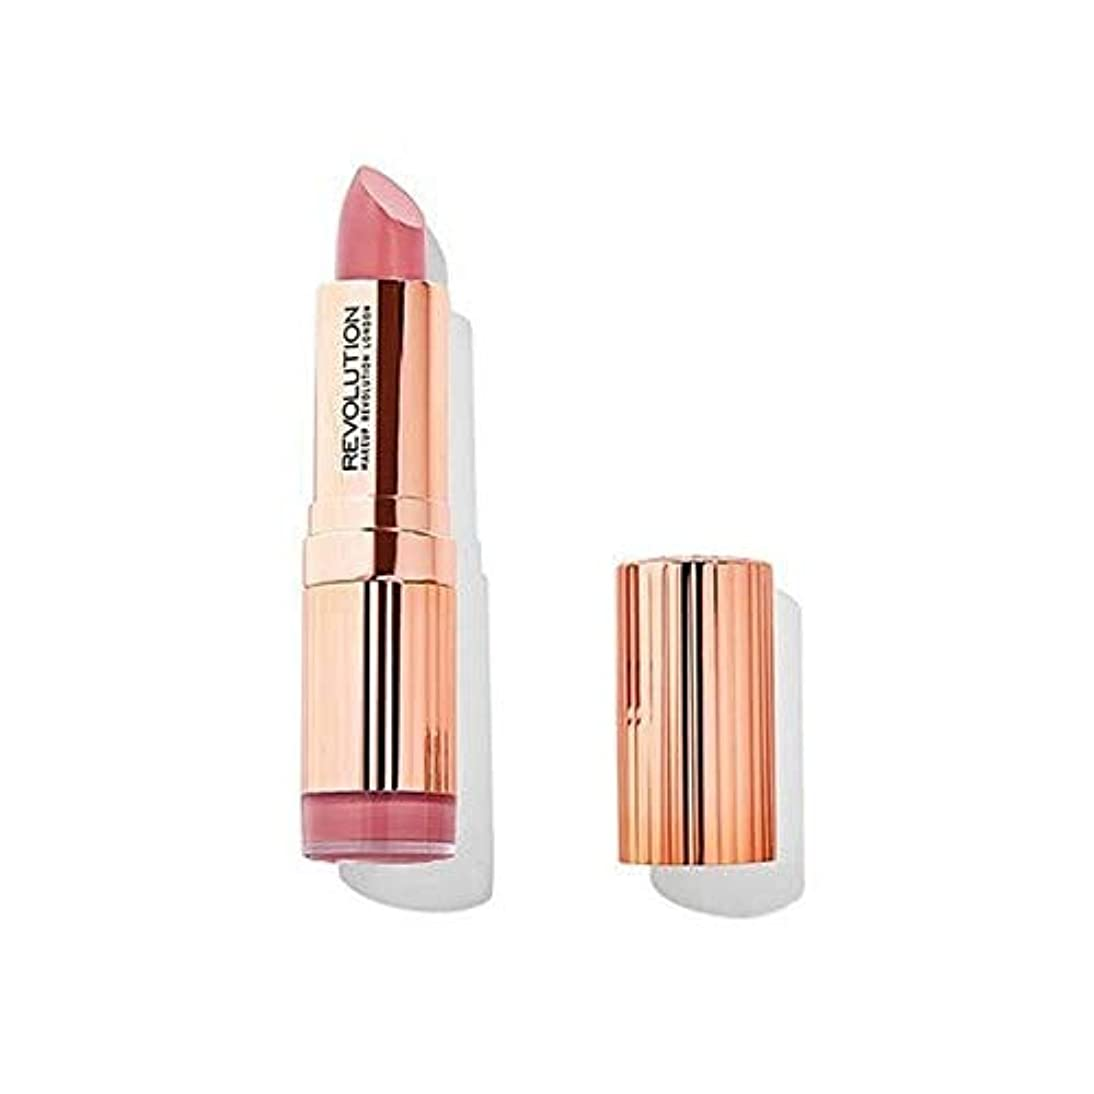 容器時間誘導[Revolution ] ブレンド革命のルネサンス口紅 - Revolution Renaissance Lipstick Blended [並行輸入品]